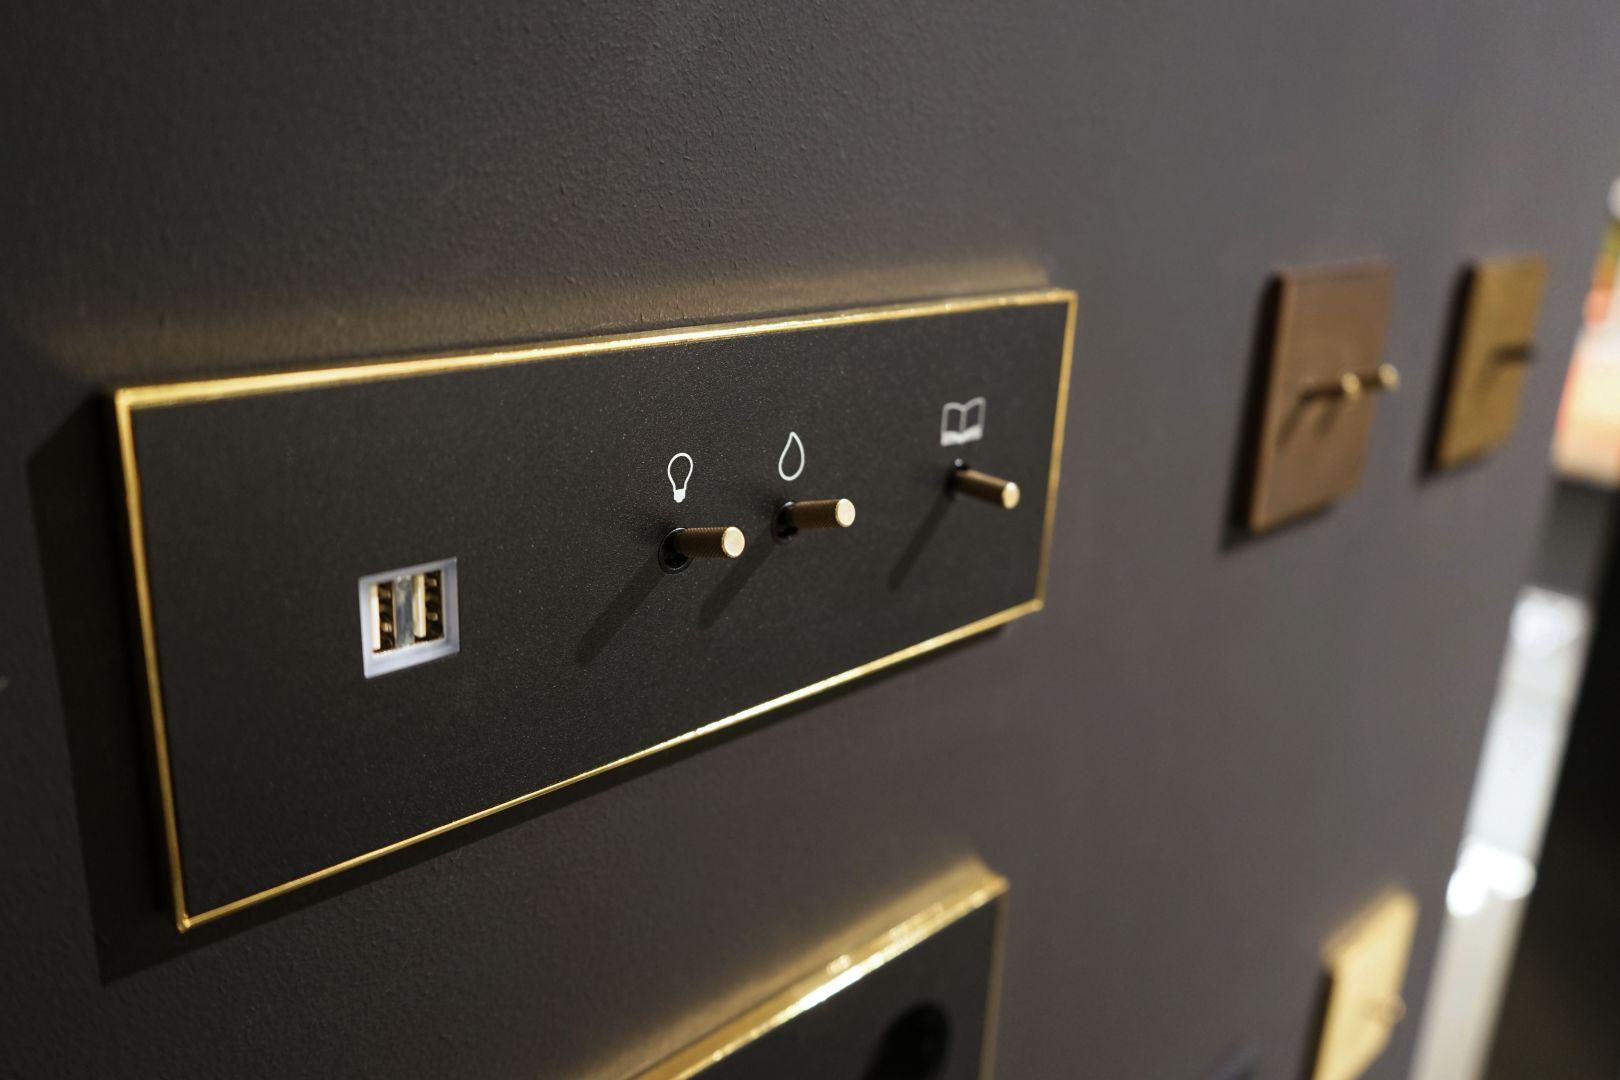 Zestaw Lithoss: Lampka + włącznik + gniazdo 230V + ładowarka USB/Produkt Design. Produkt zgłoszony do konkursu Dobry Design 2020.